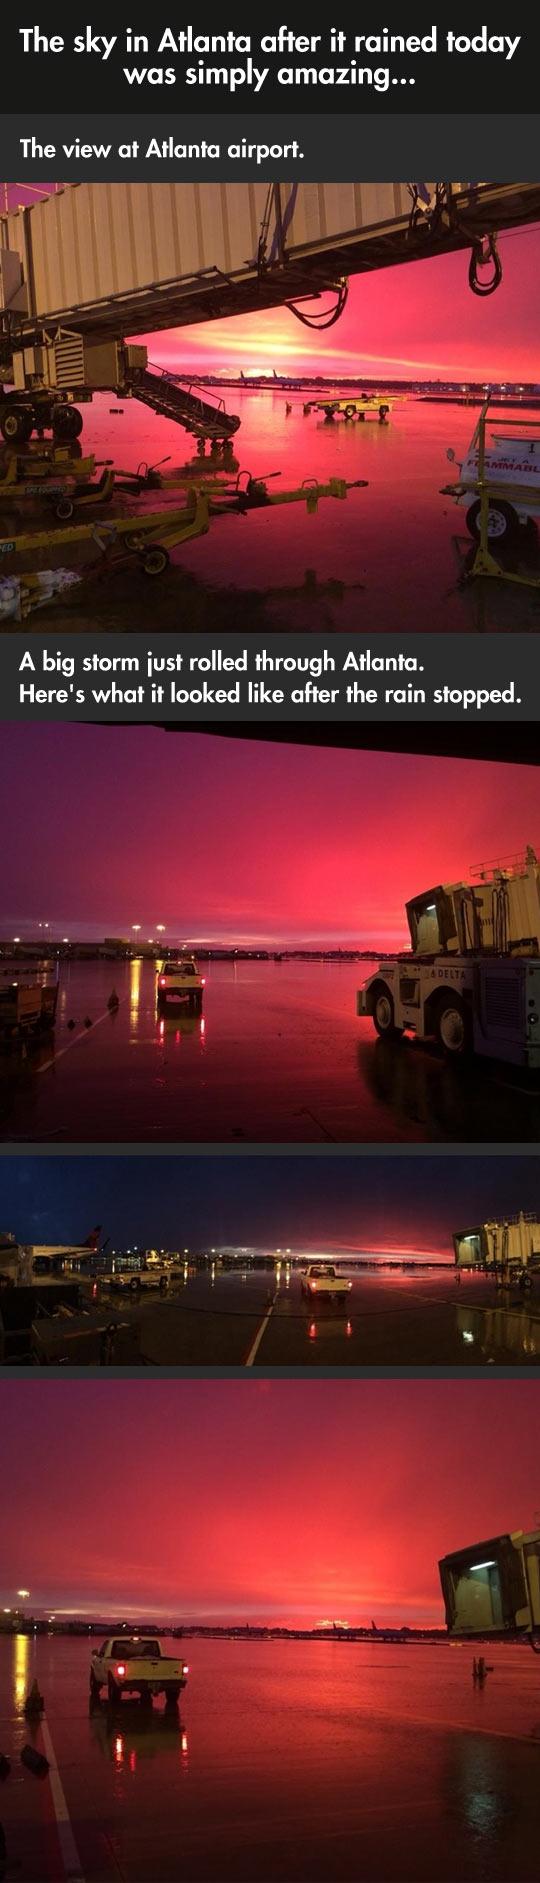 Beautiful Sky After Storm